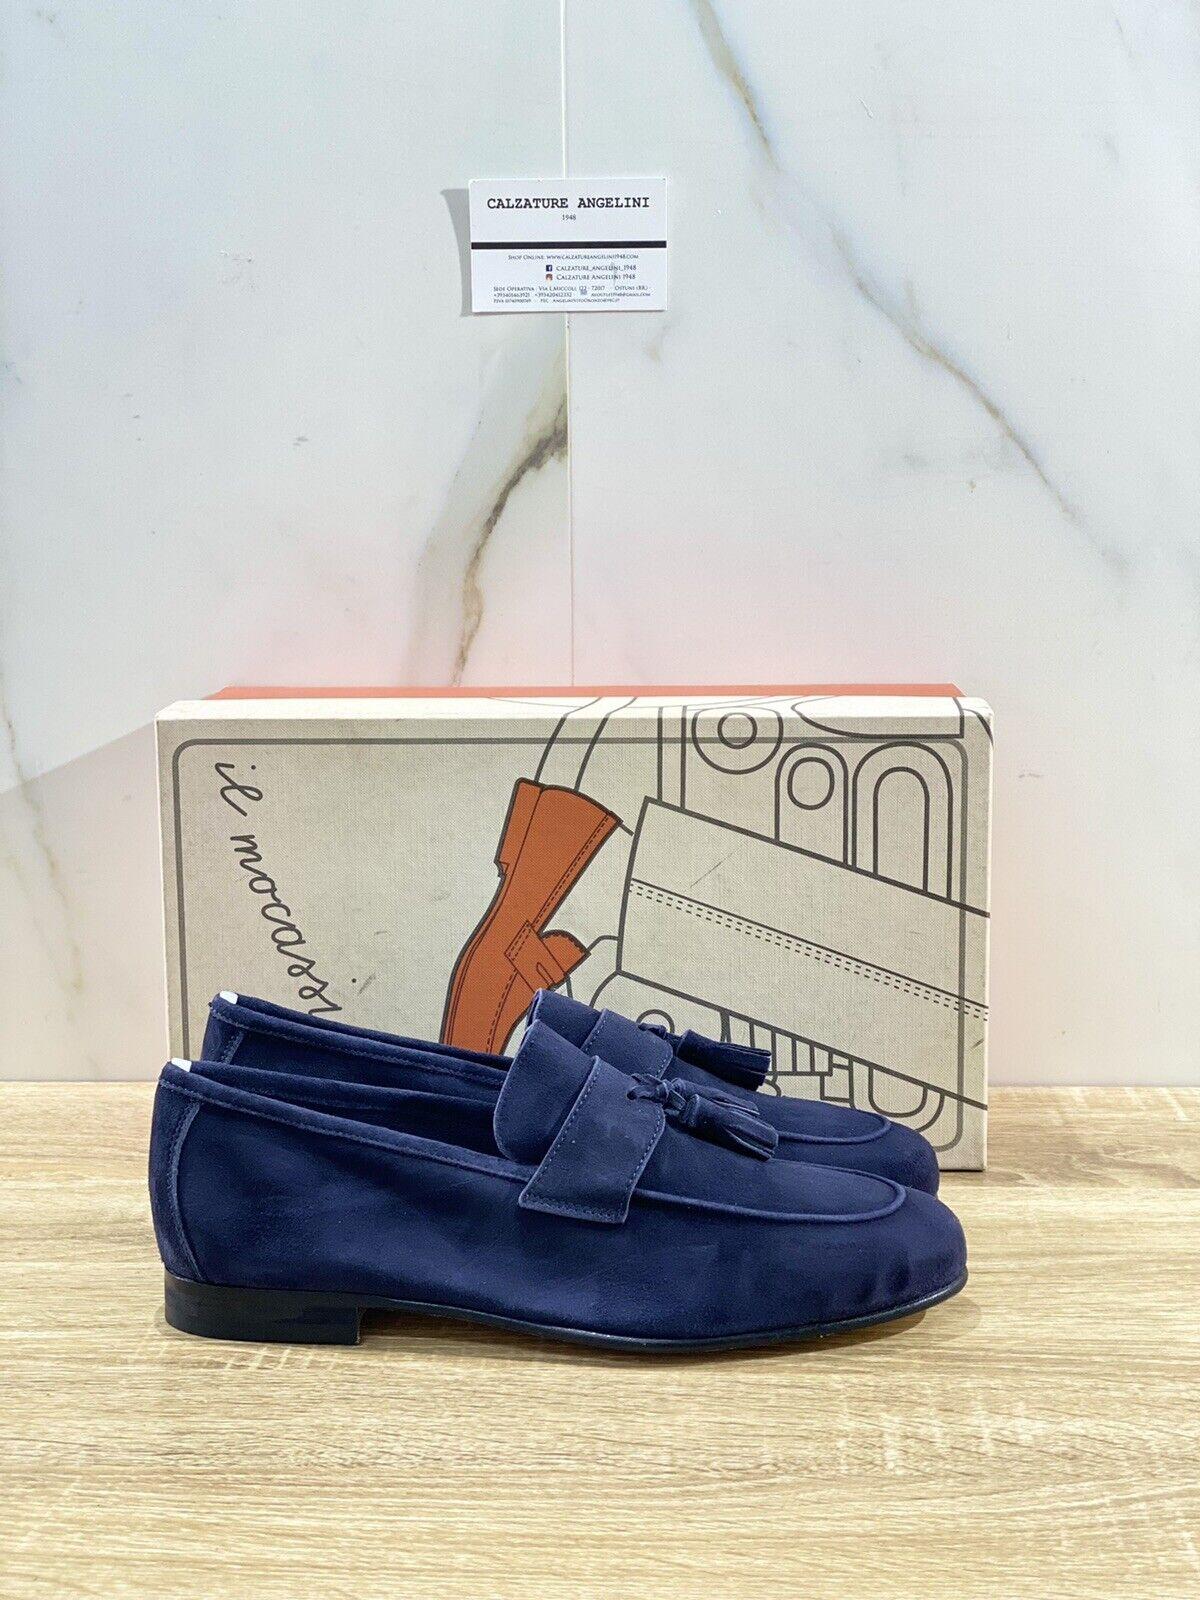 Il Mocassino Men's Shoe Tasca IN Suede Blue Tassel Luxury Men Shoes 42